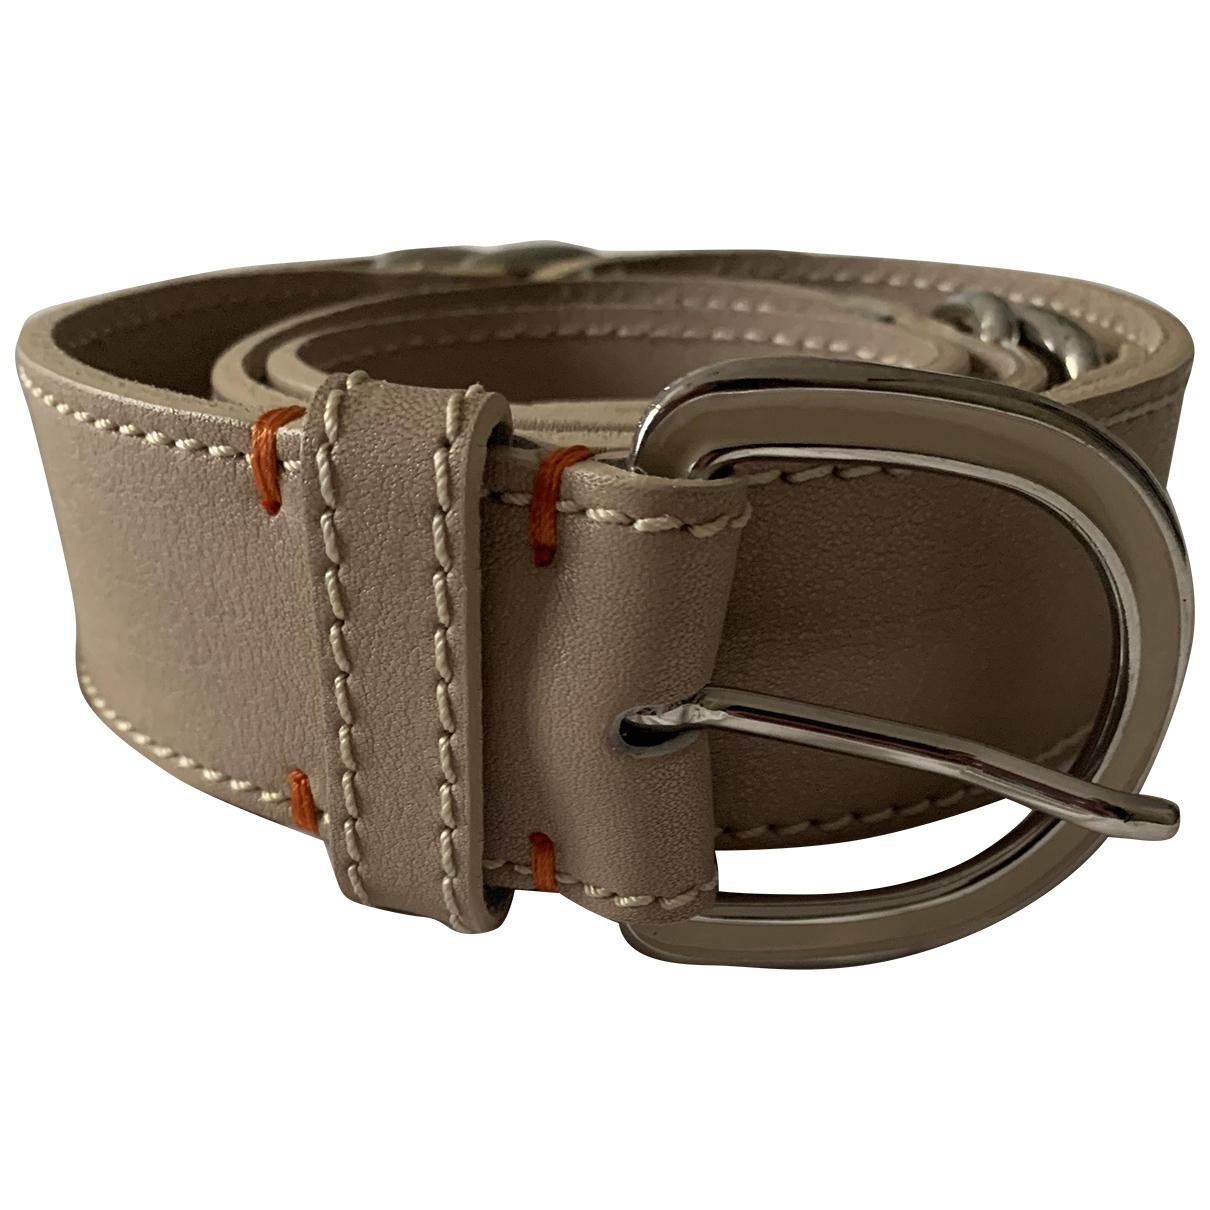 Boss \N Beige Leather belt for Women XS International